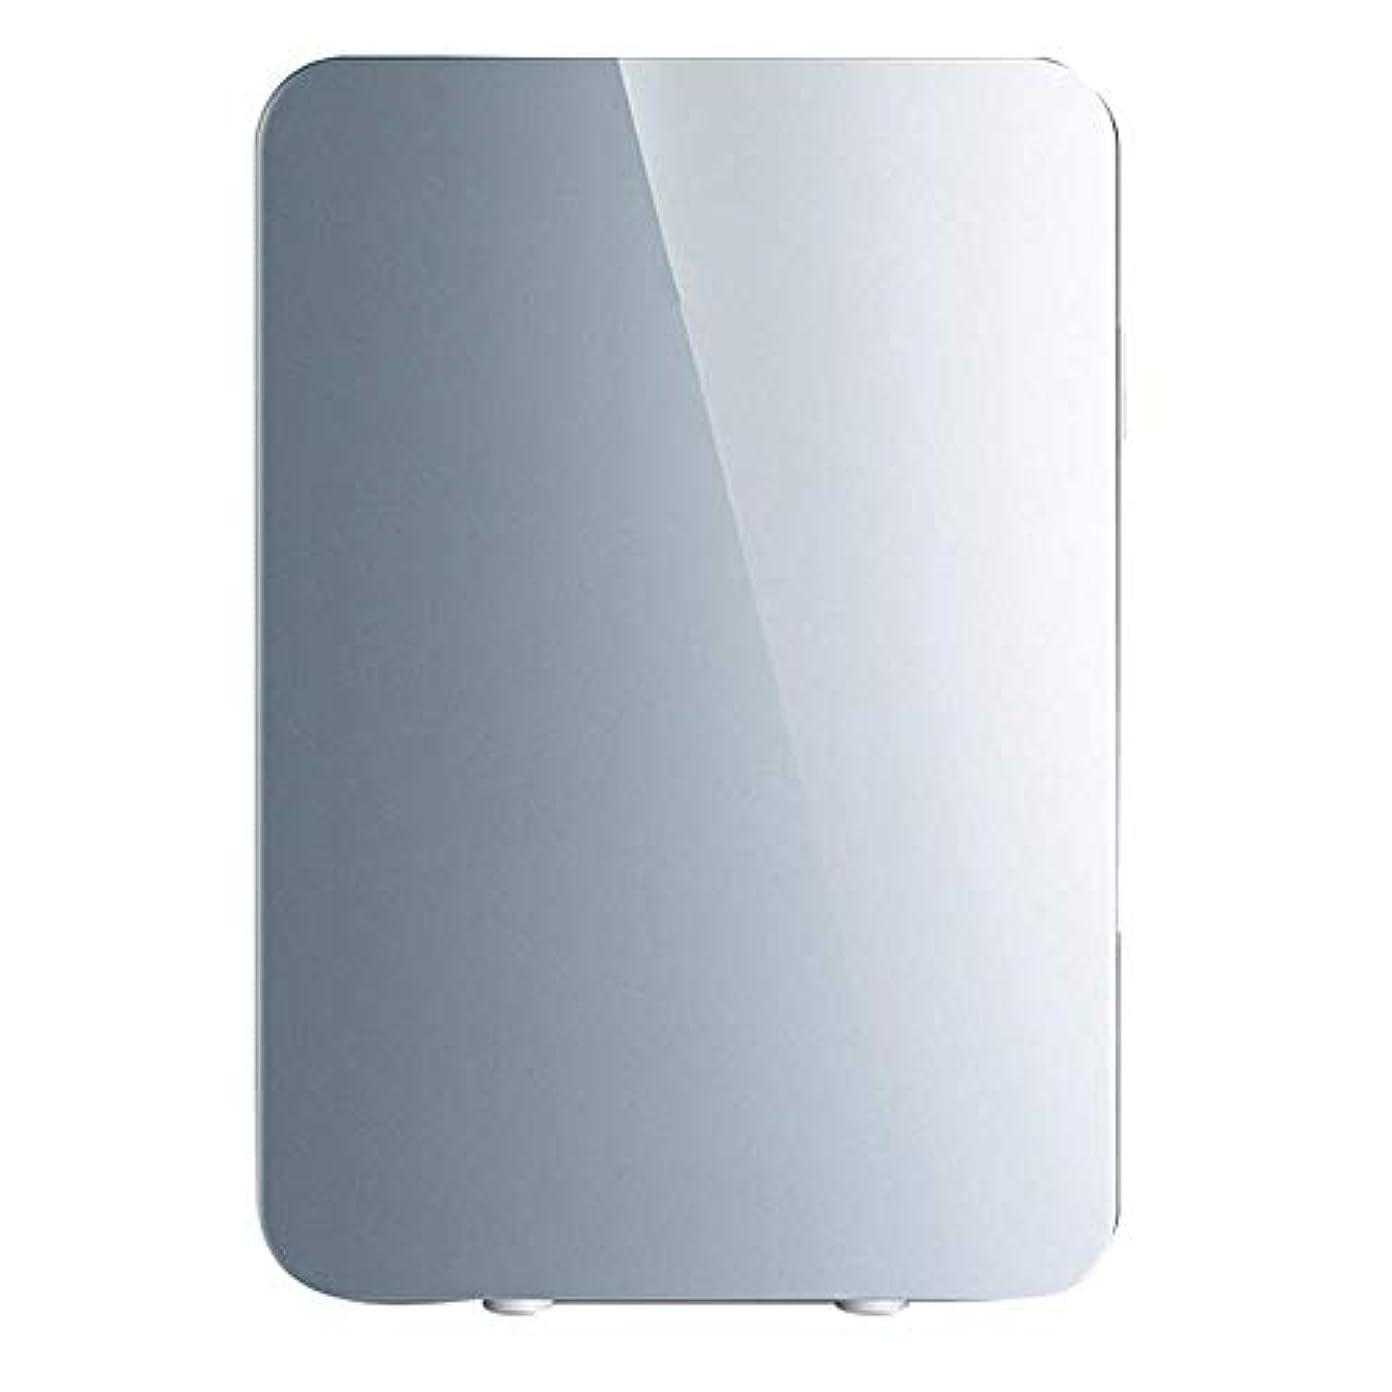 ピーク超高層ビル割る家庭用デュアルコア小型冷蔵庫20L車の冷暖房ボックスインスリン冷蔵ボックス寮のオフィス食品保存ボックス車12V家庭用220V